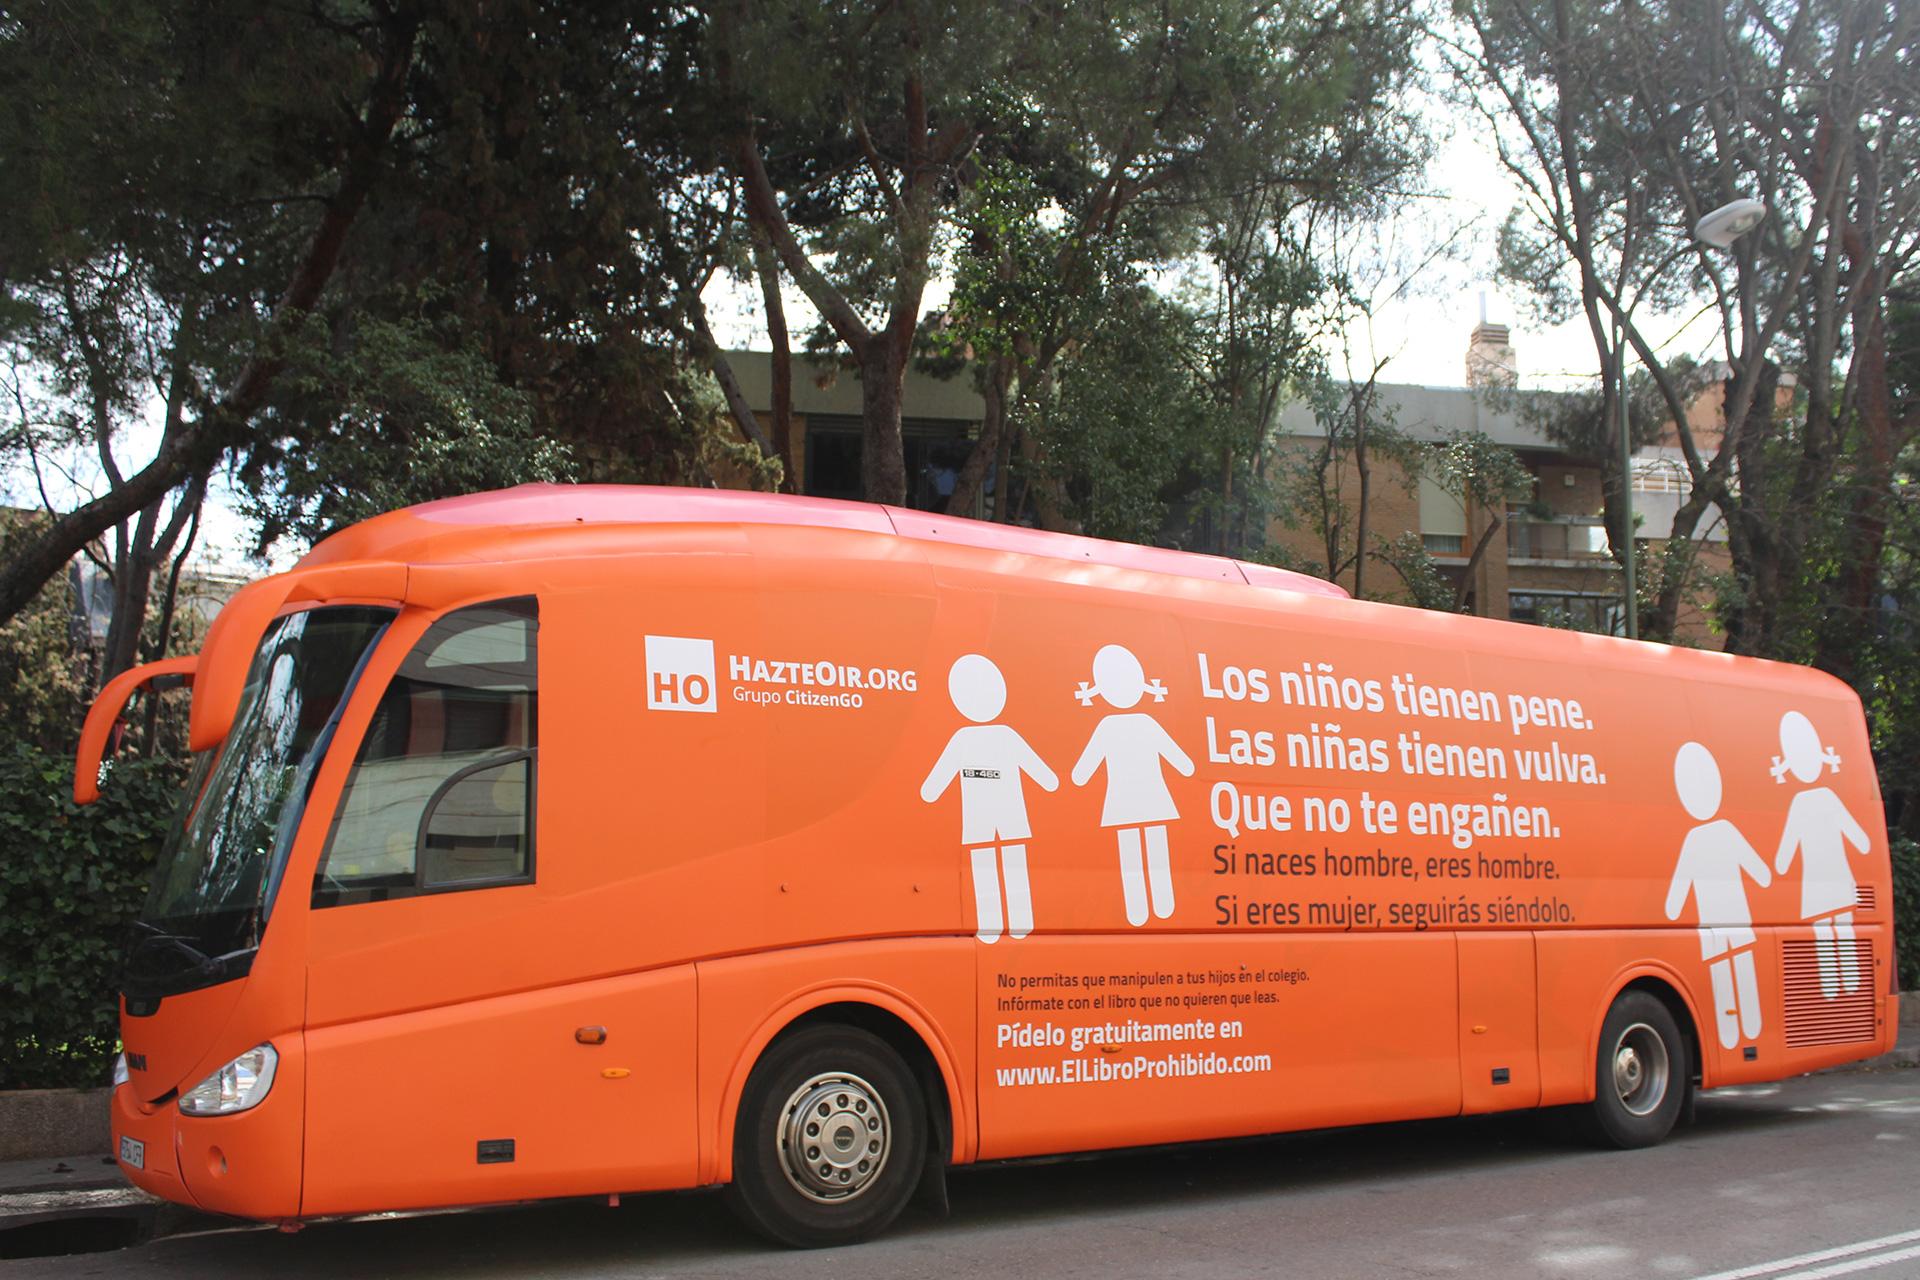 Llegó a México un autobús transfóbico